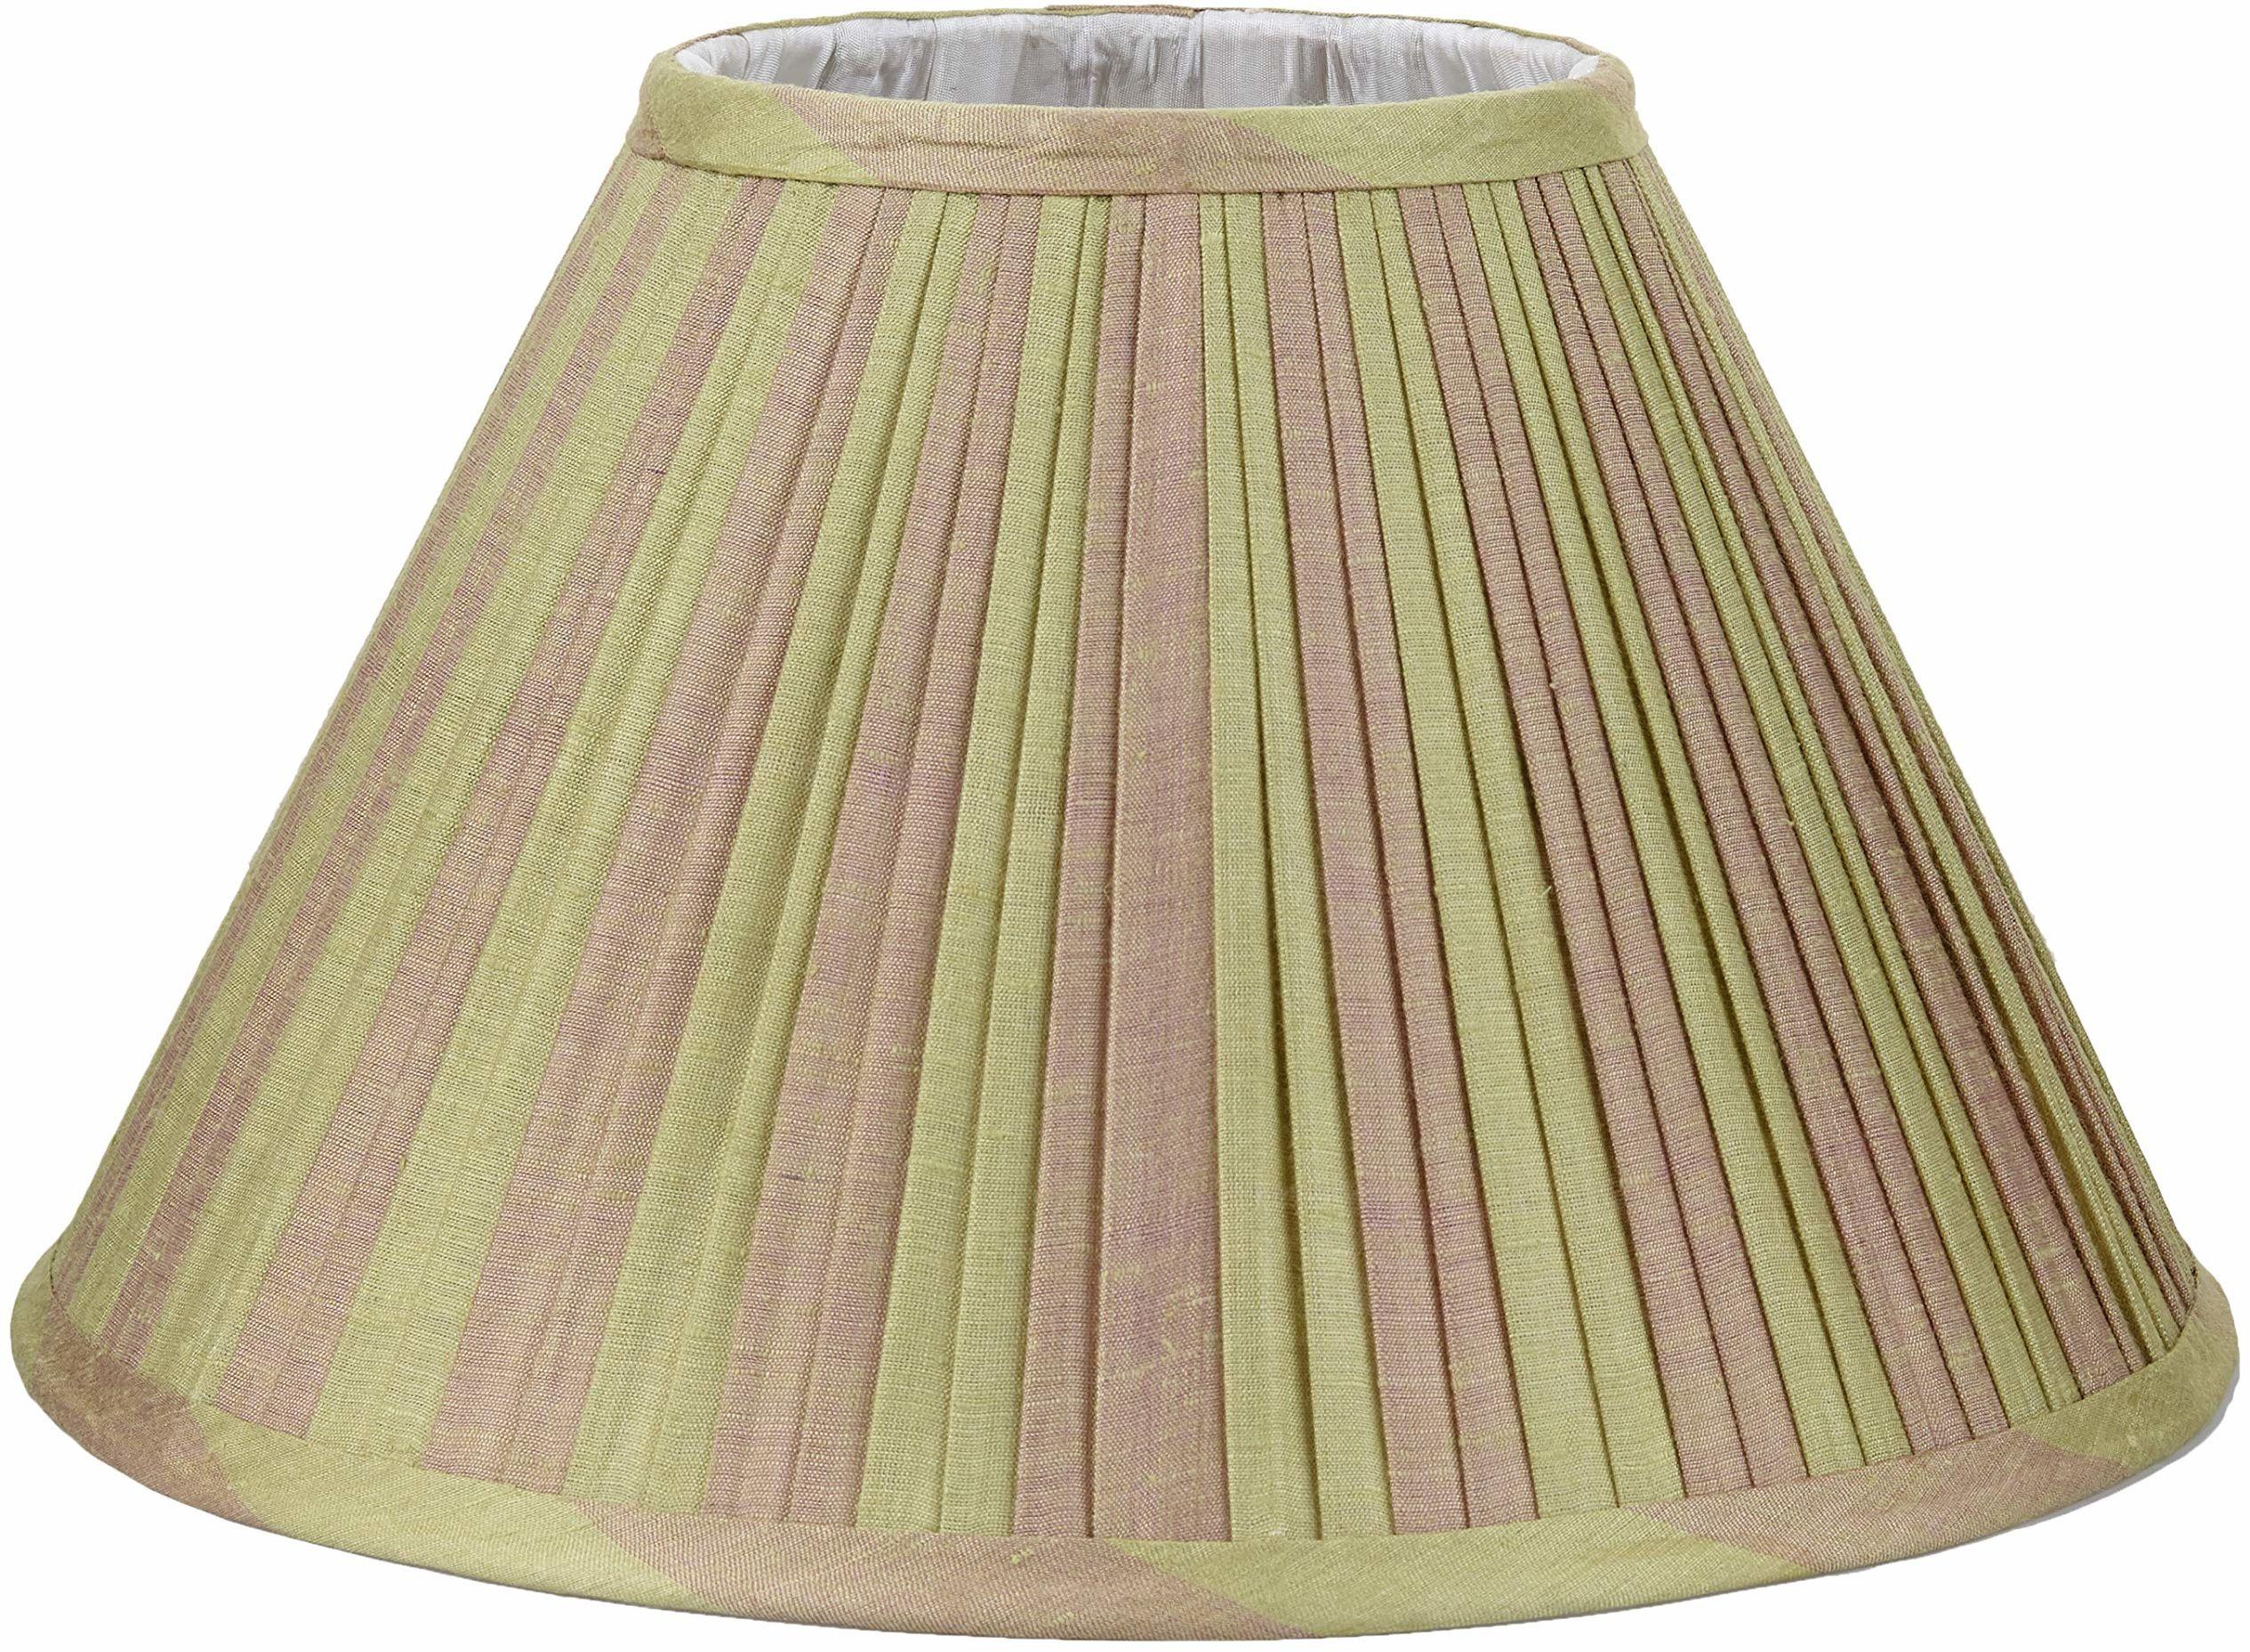 Better & Best 0213358  Klosz lampy z jedwabiu, tabela wąska, 35 cm, dwukolorowe paski szarobrązowe i zielone